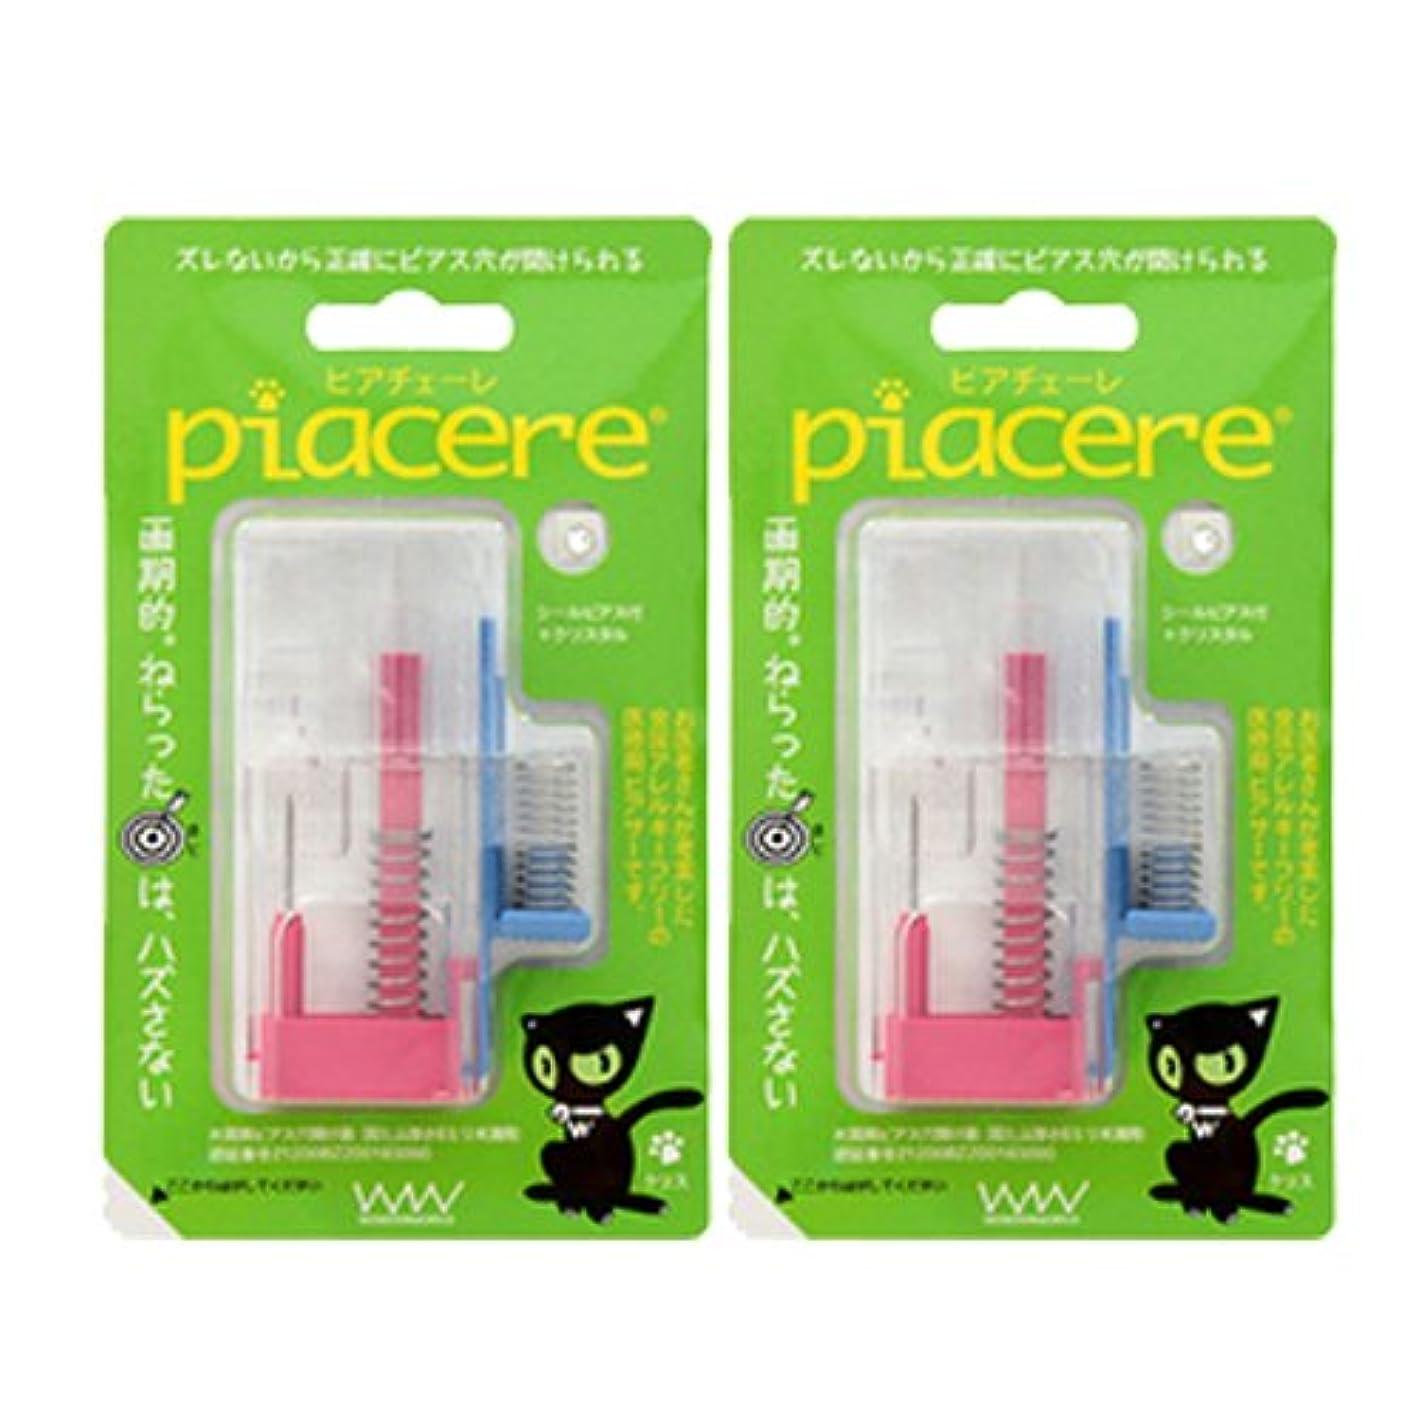 粘性の会計支出ピアッサー ピアチェーレ 医療用樹脂製ピアサー piacere 2個セット (クリスタルxクリスタル) | 両耳用